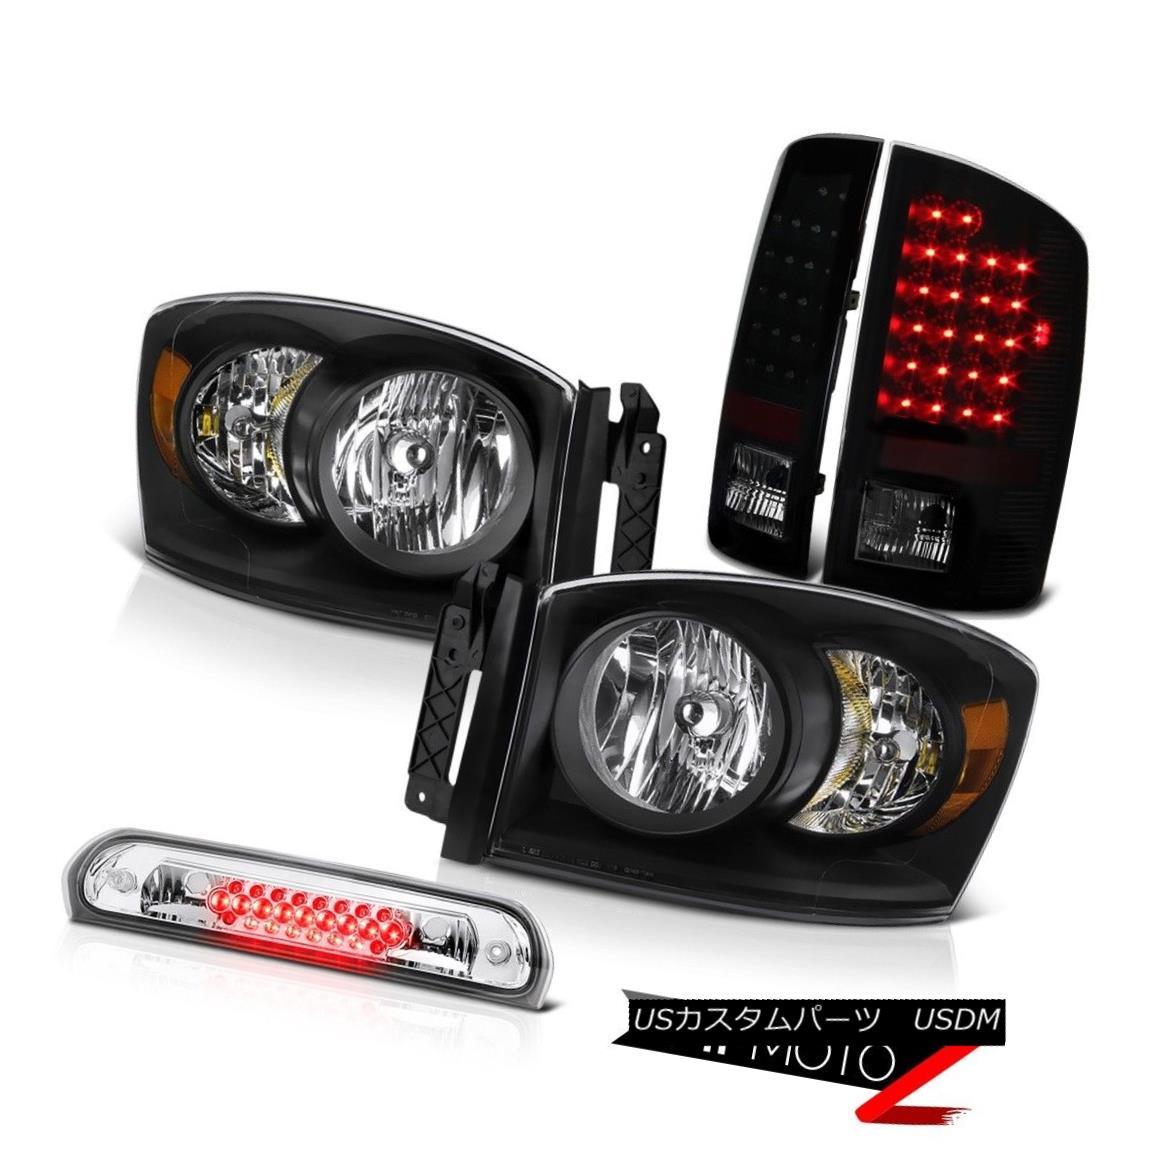 テールライト 2006 Dodge Ram Black Headlamps LED Tail Lights Lamps High Brake Cargo 2006ダッジラムブラックヘッドランプLEDテールライトランプハイブレーキカーゴ